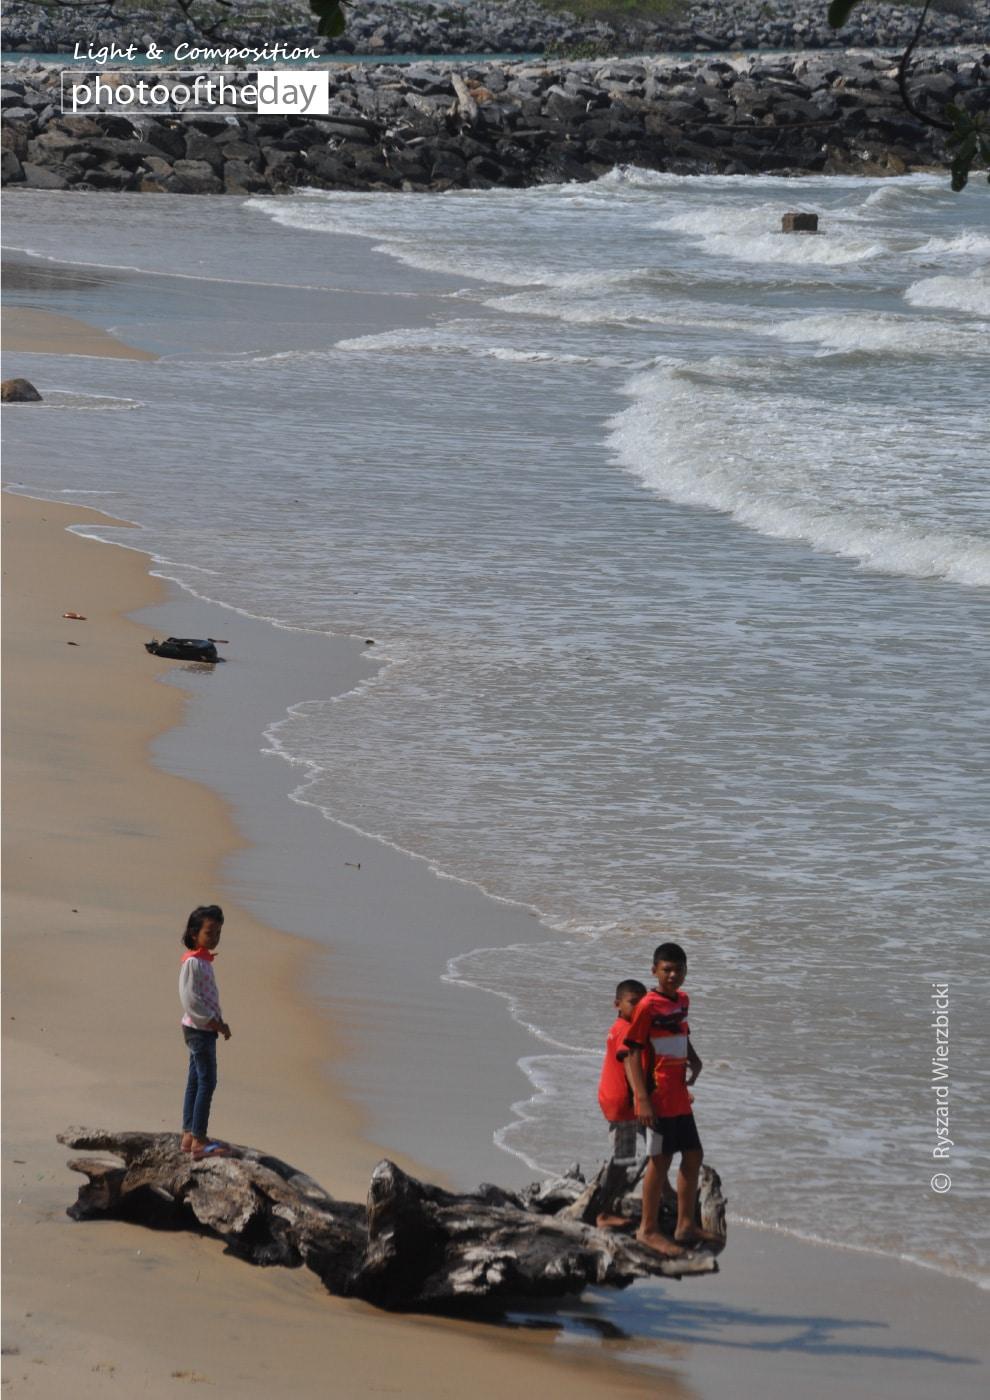 Sichon Beach, by Ryszard Wierzbicki